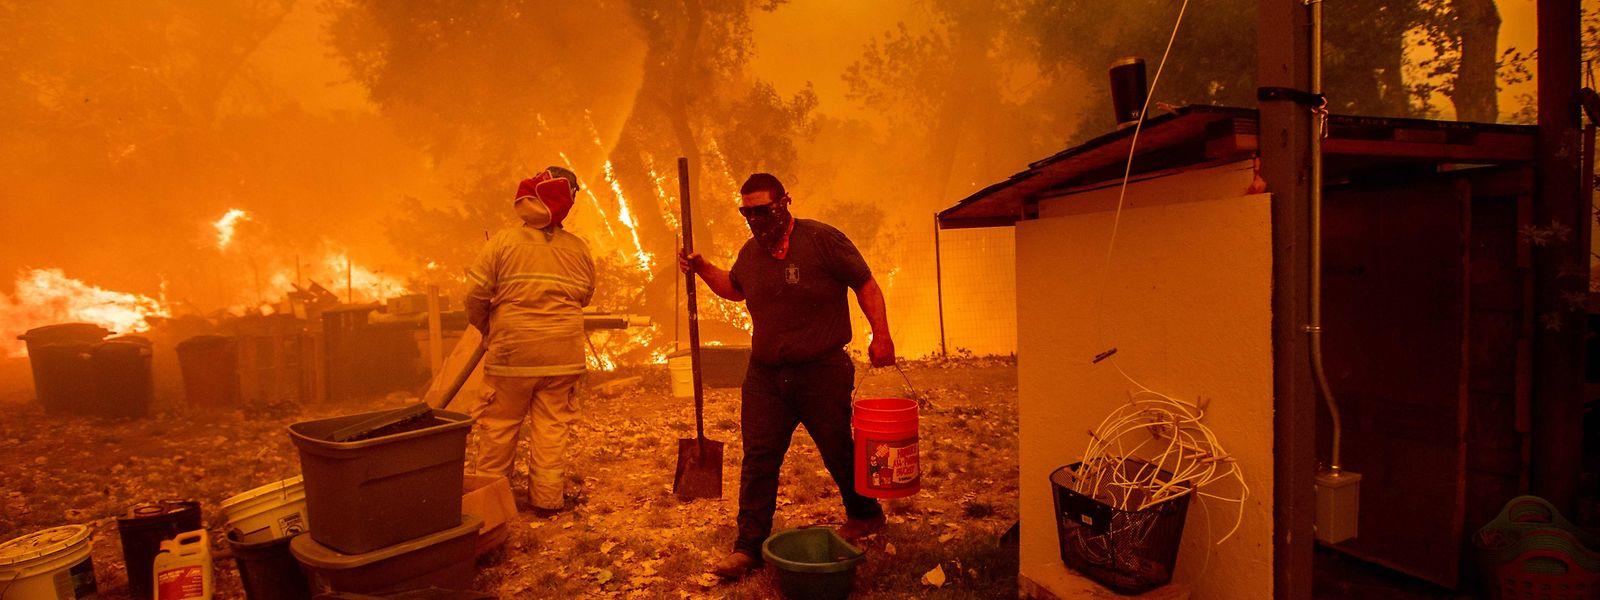 Menschen versuchen verzweifelt, ihre Häuser zu retten - oft vergeblich.